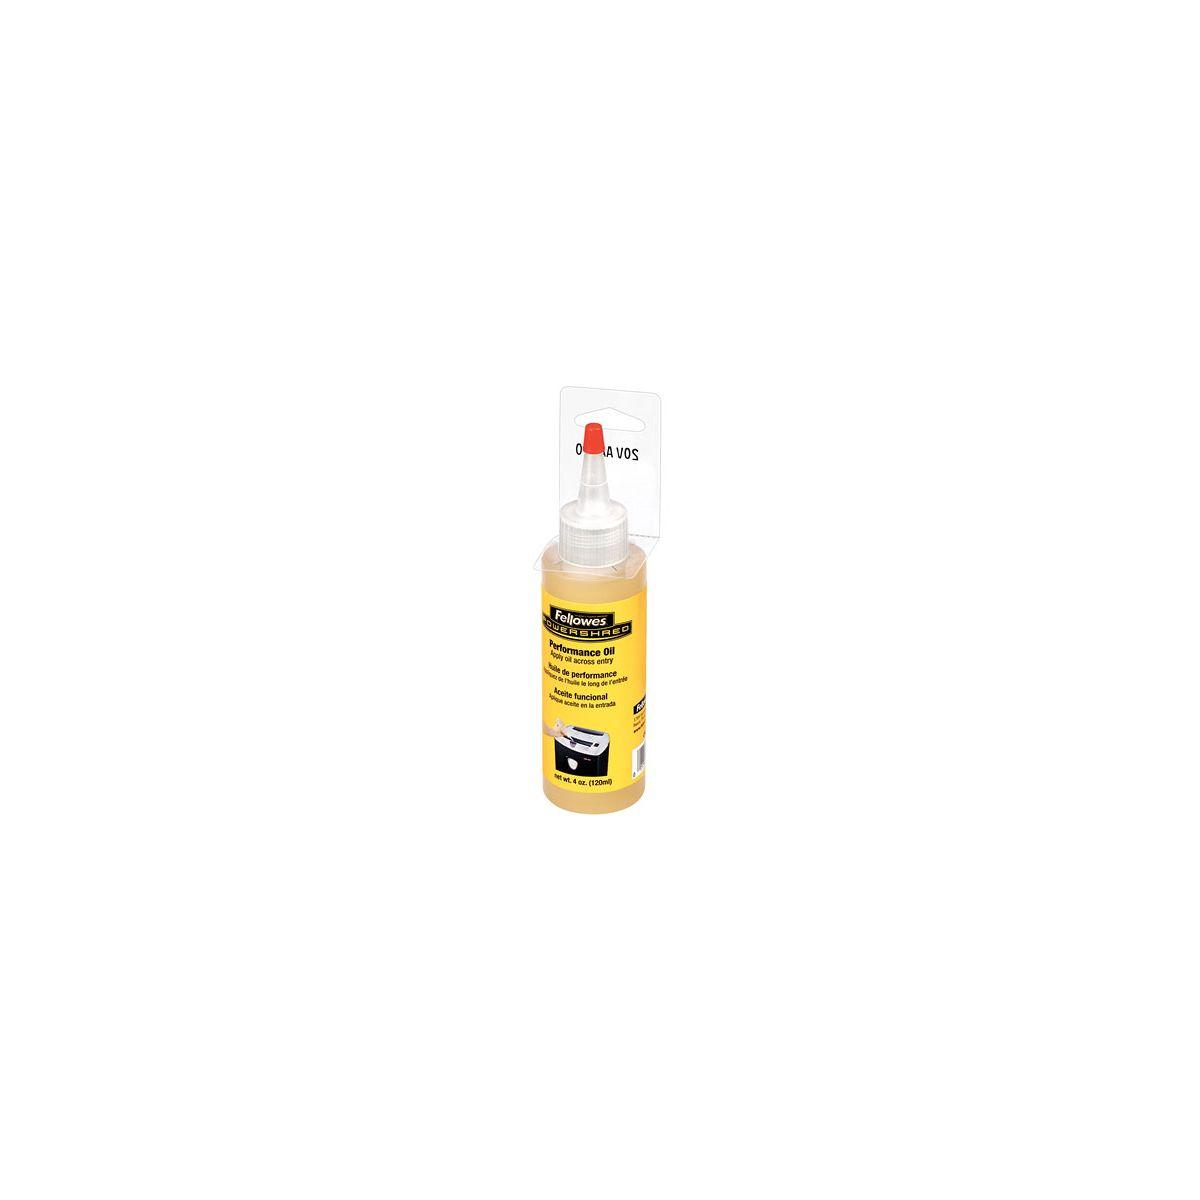 Huile lubrifiante fellowes huile lubrifiante 120ml pour destructeur - 2% de remise imm�diate avec le code : automne2 (photo)